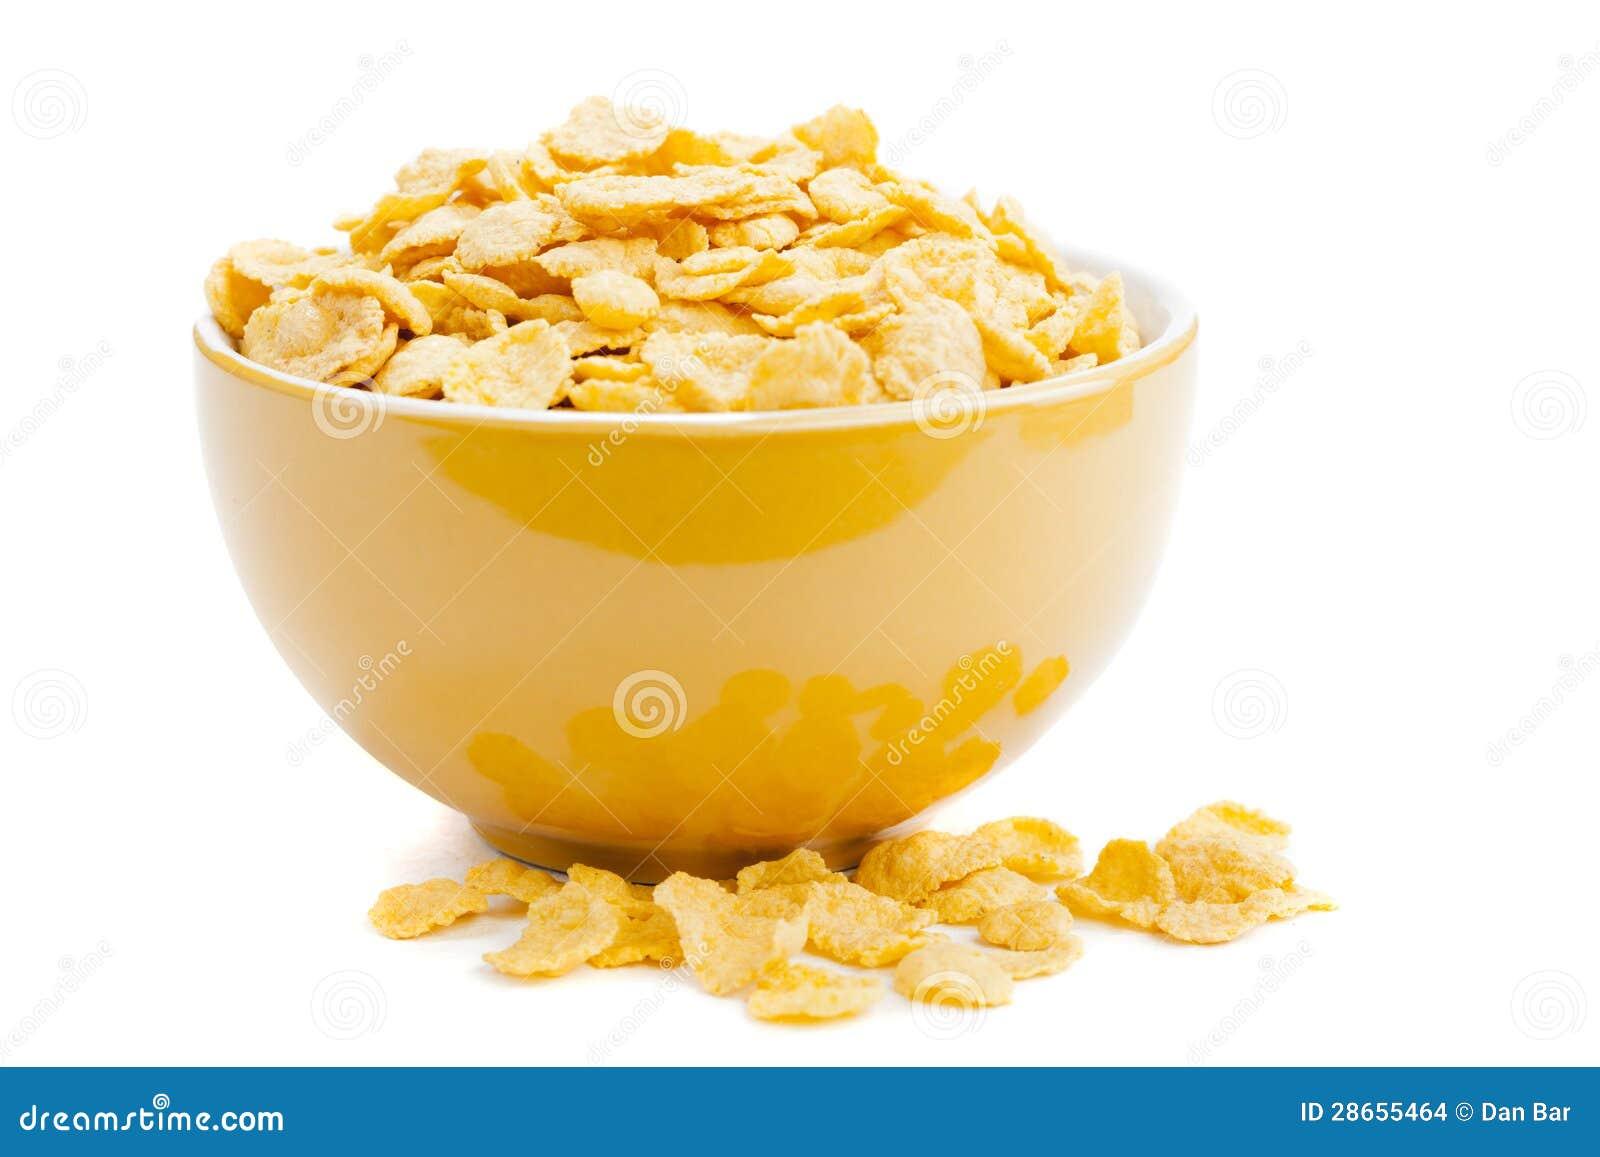 Copos de maíz del cereal en un cuenco